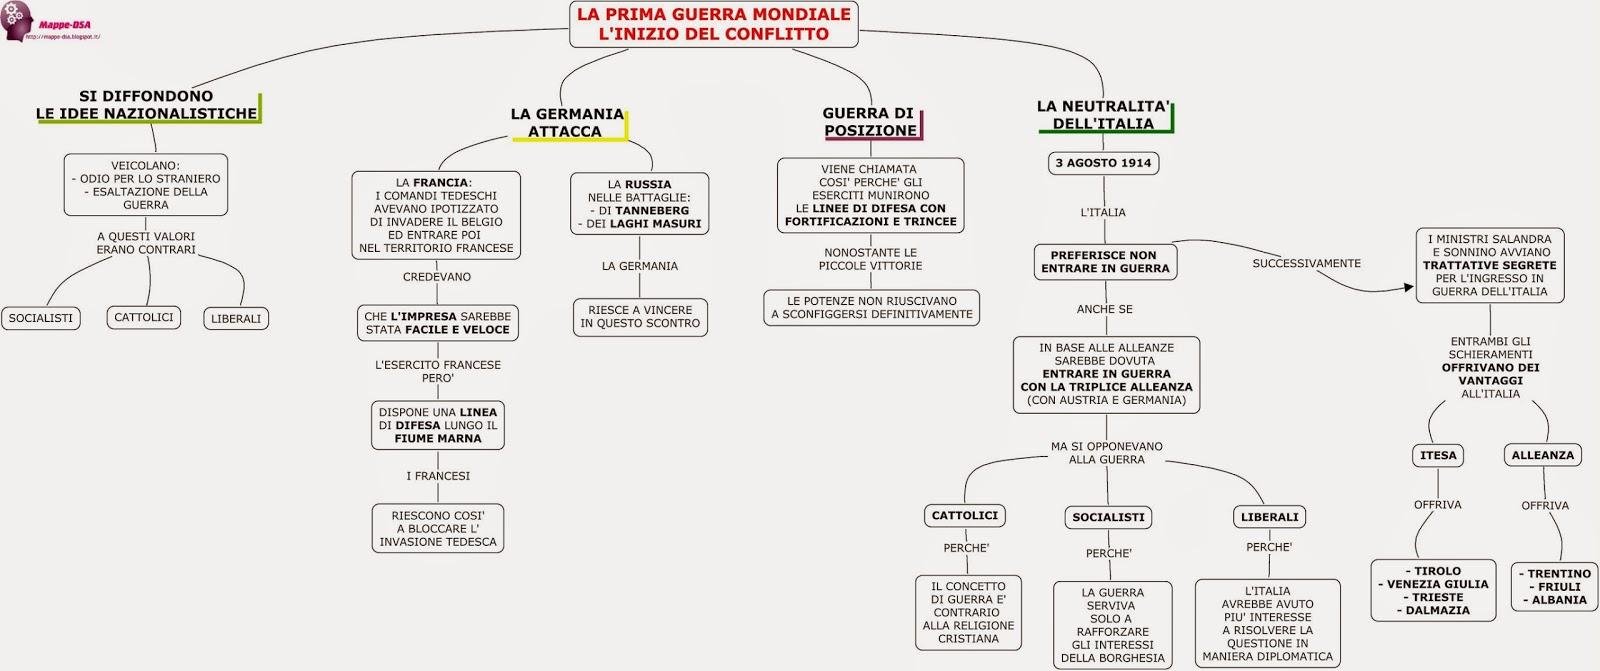 mappa schema dsa storia dislessia prima guerra mondiale medie superiori liceo